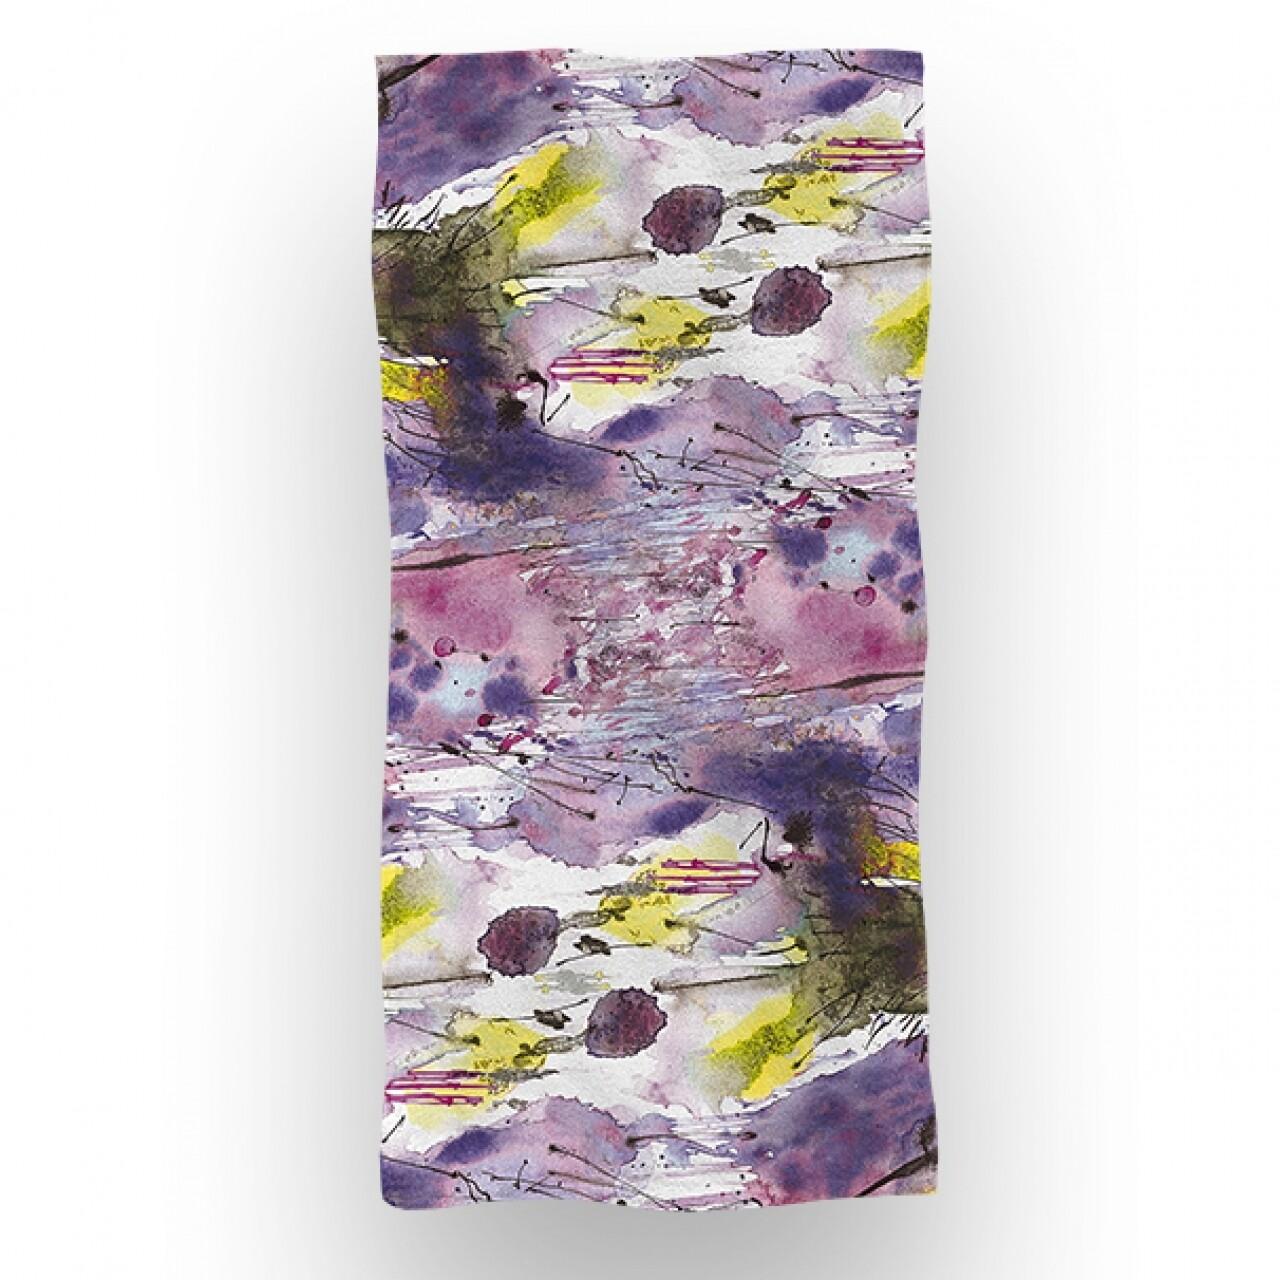 Prosop de baie si plaja Flora, Aglika, 70 x 140 cm, 70% bumbac, 30% microfibra, multicolor